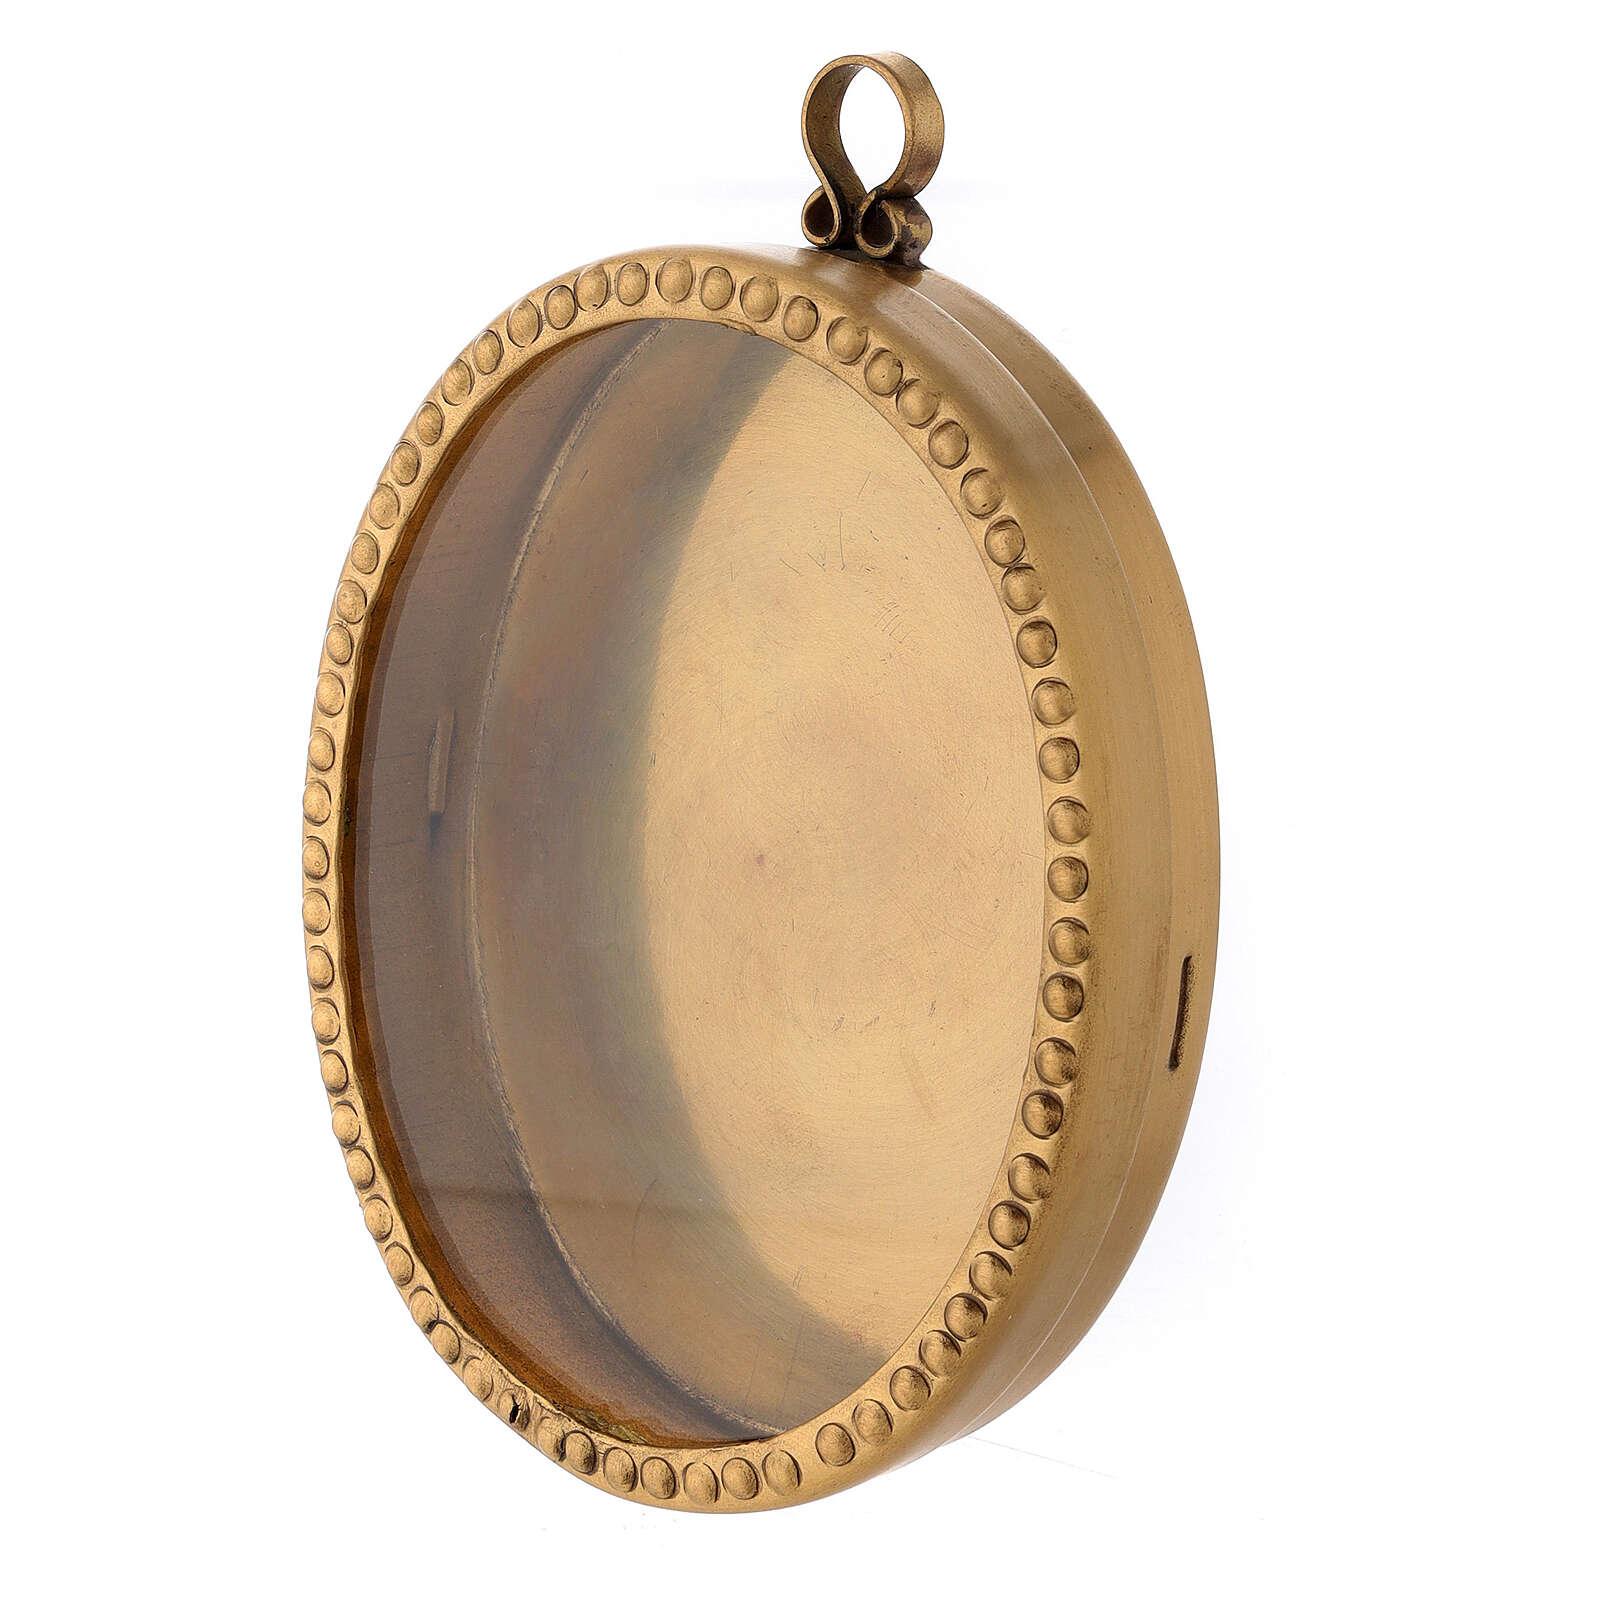 Reliquaire mural laiton doré ovale 10 cm perles 4